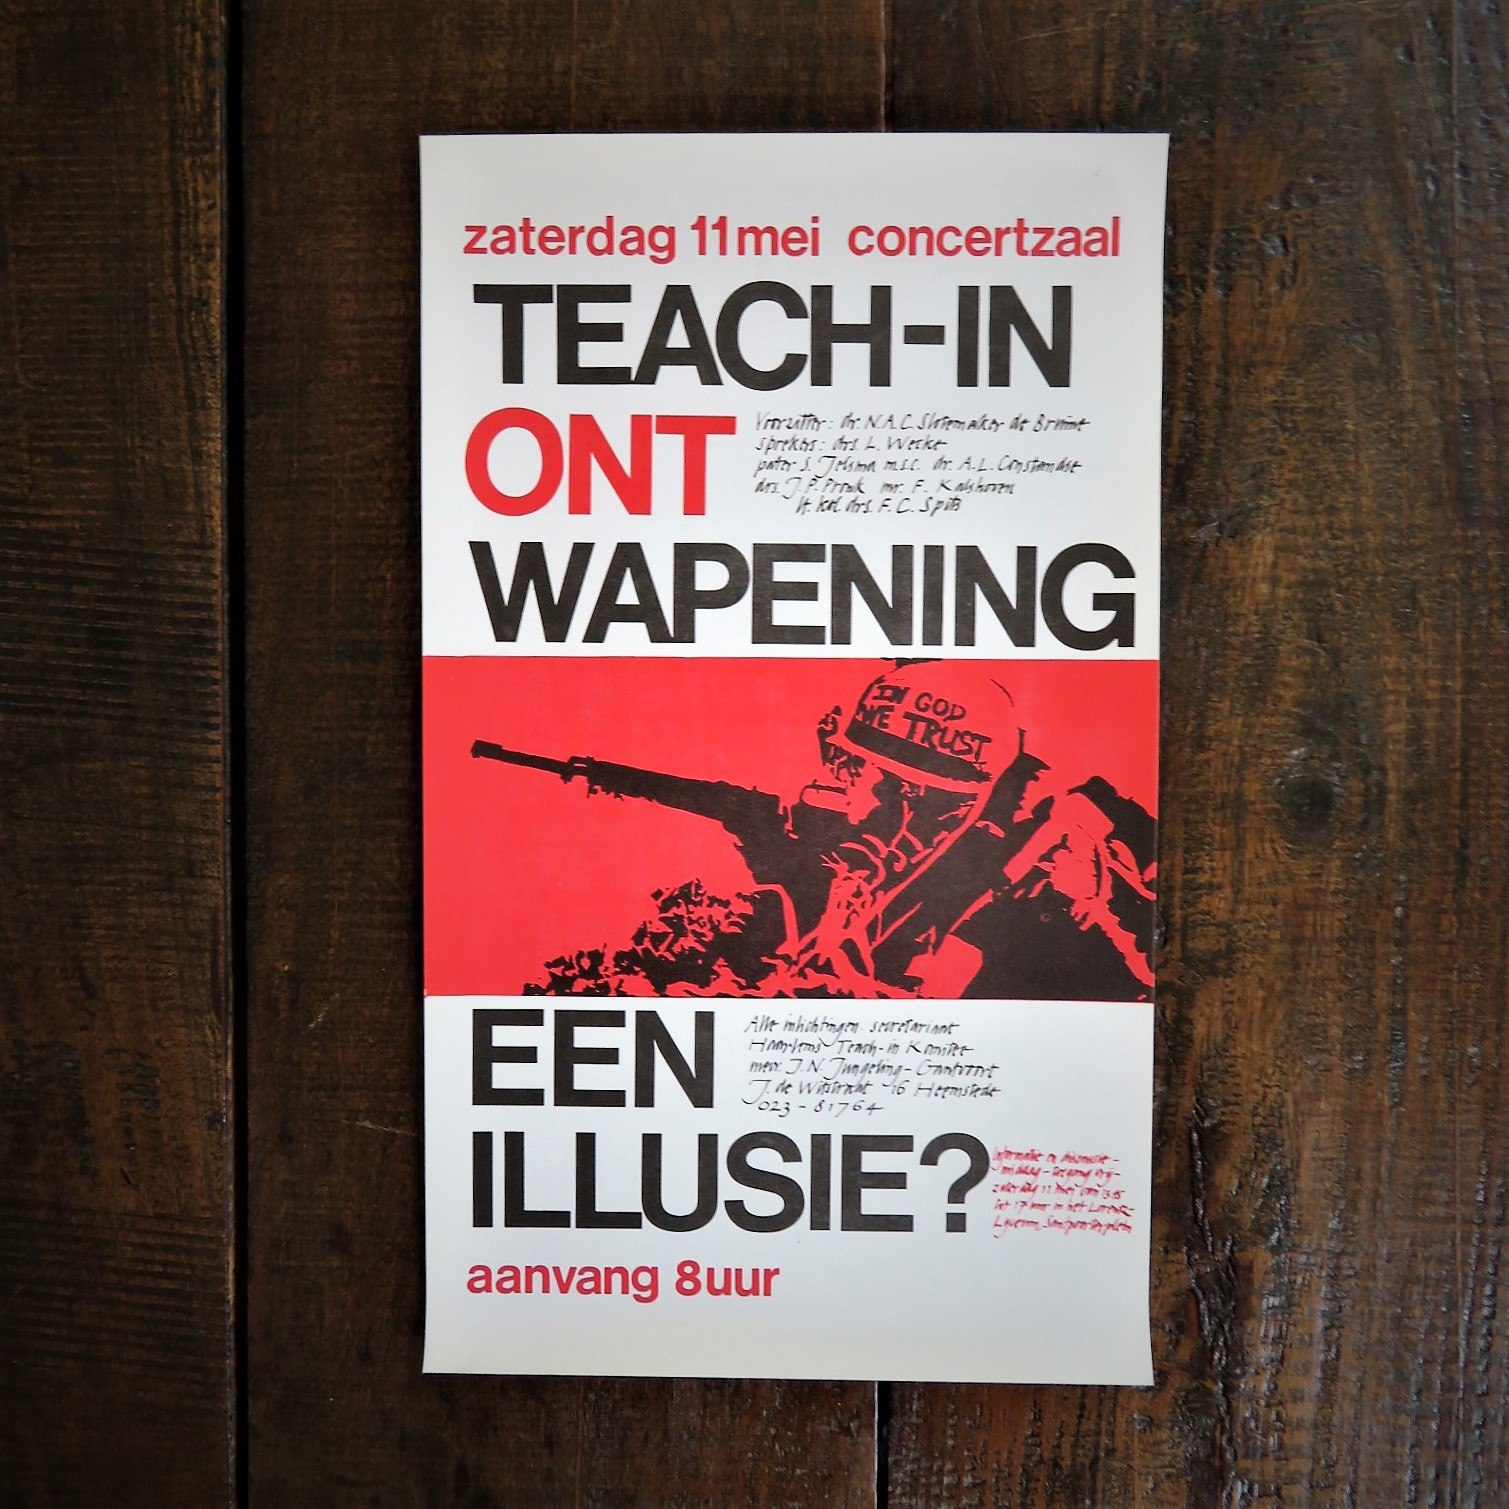 poster-teach-in-ontwapening-een-illusie-1